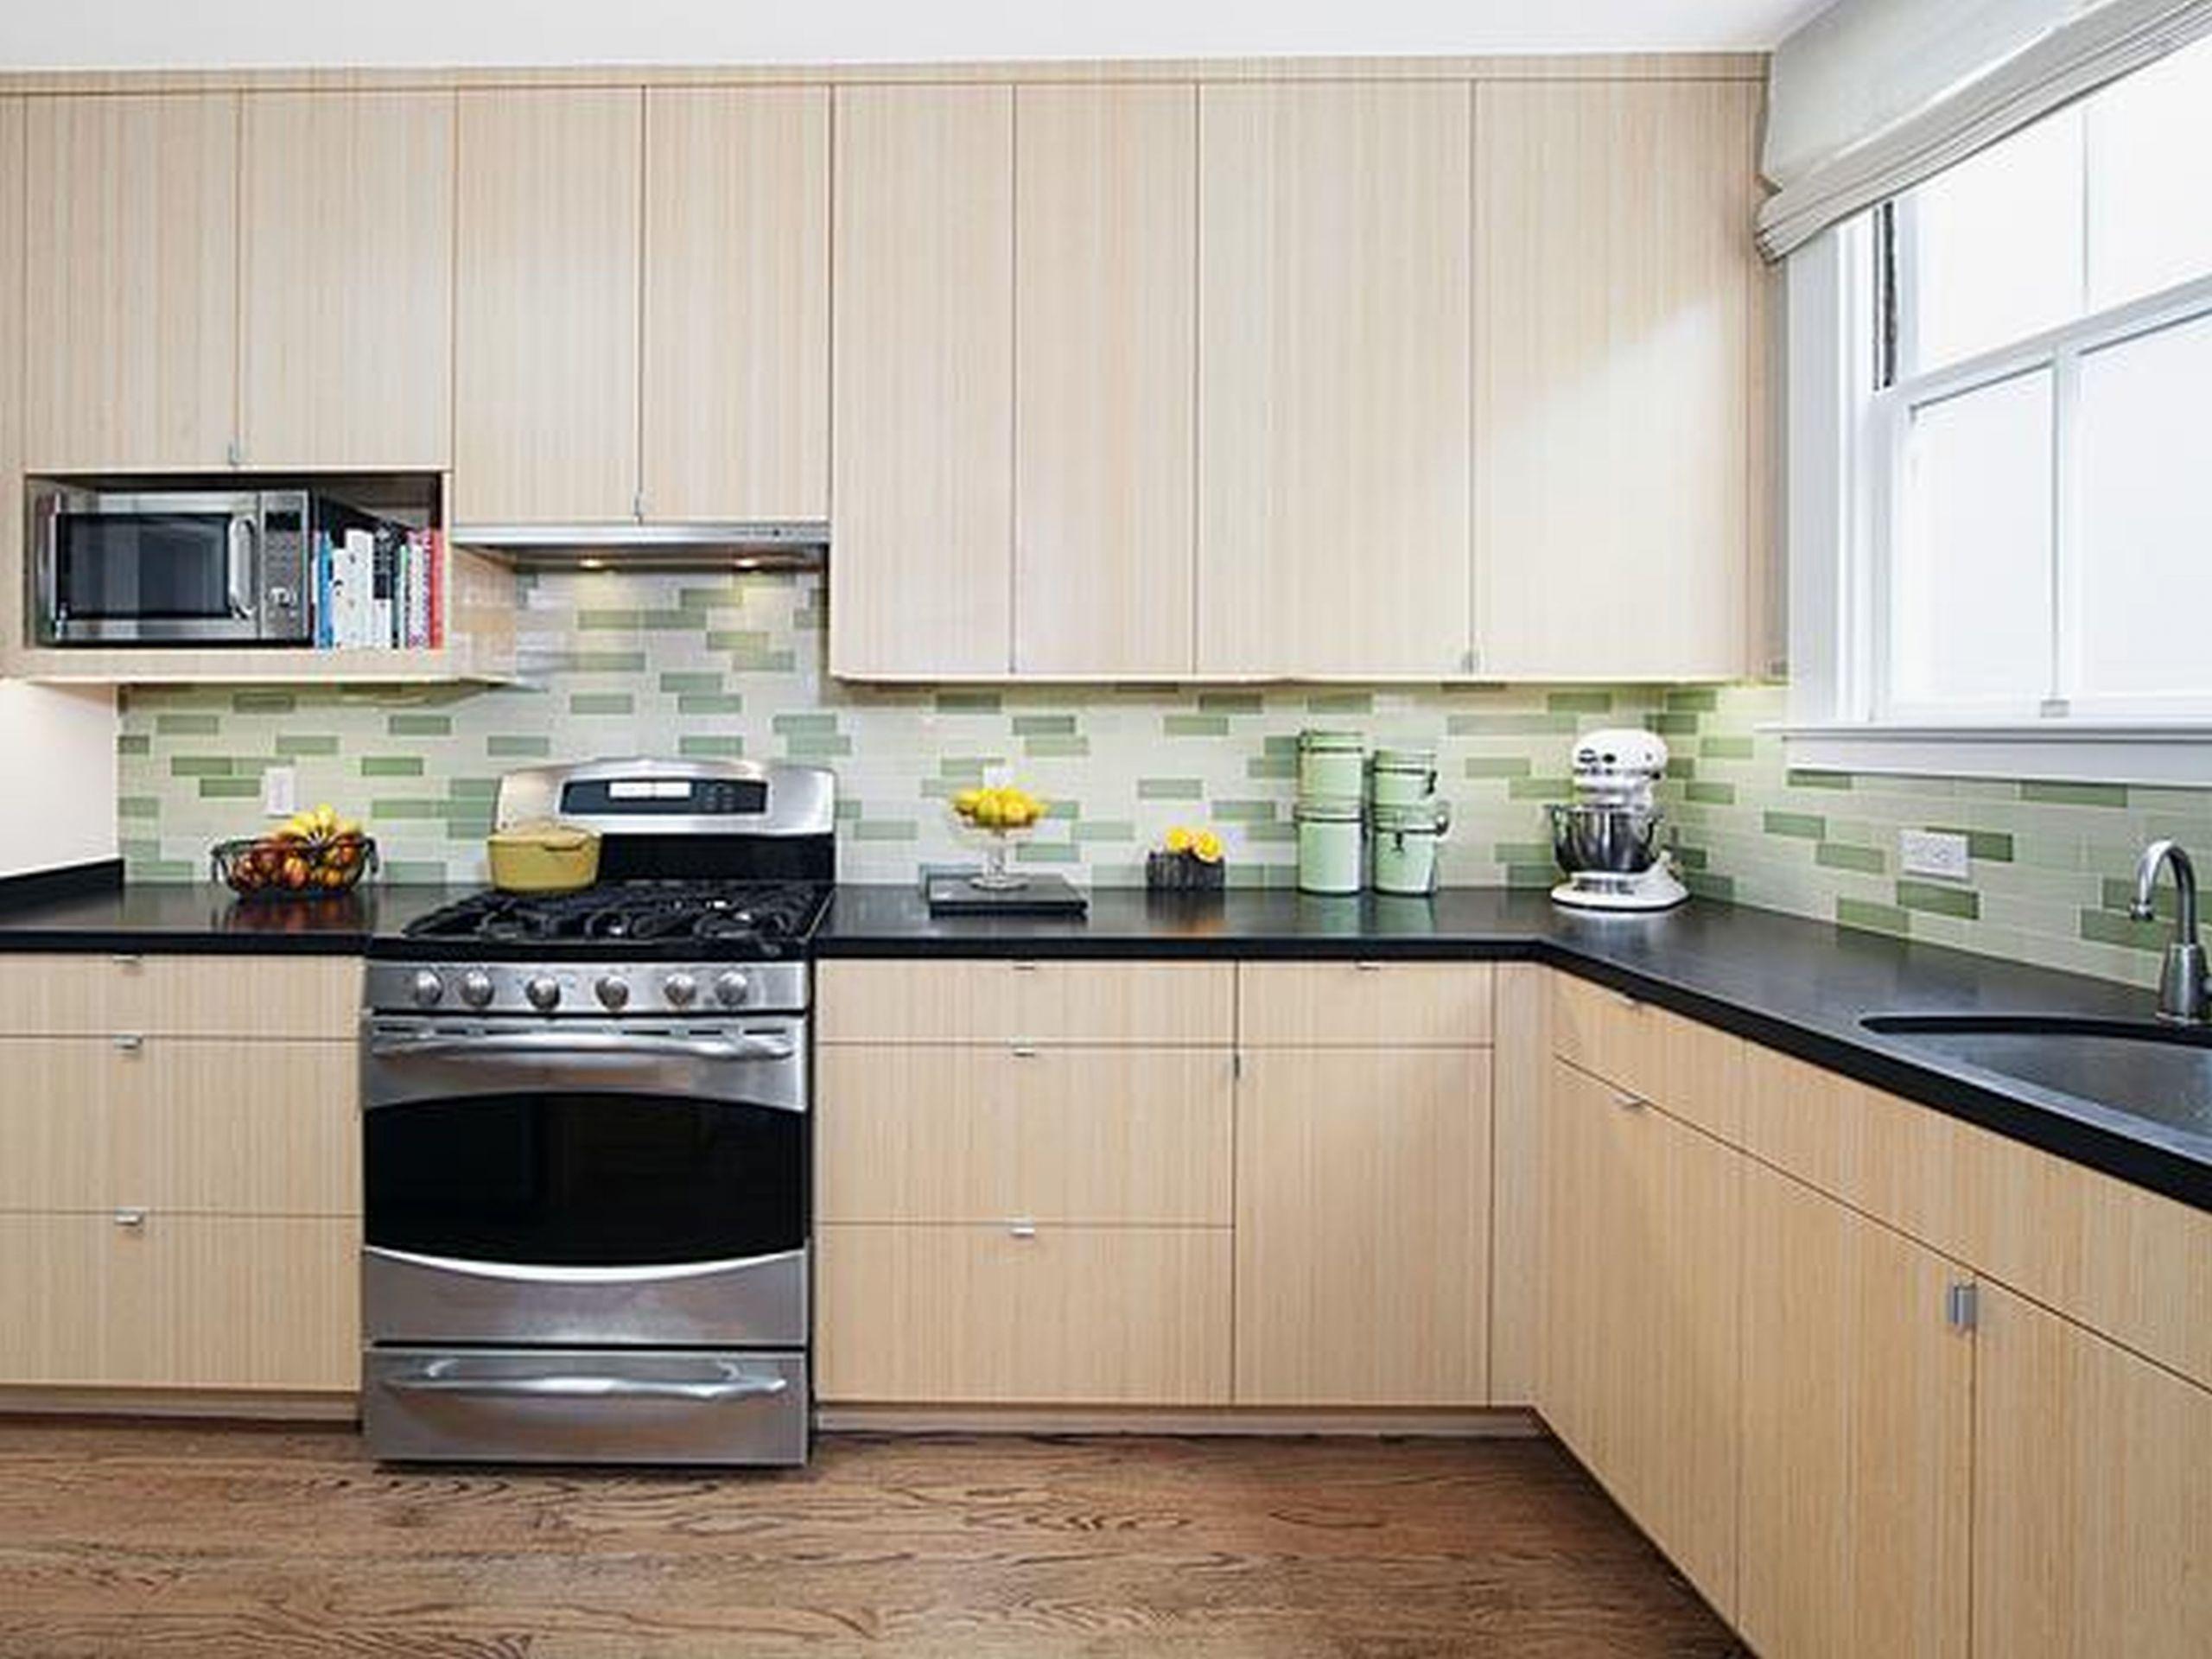 Tile Backsplash Kitchen  Tiles for Kitchen Back Splash A Solution for Natural and